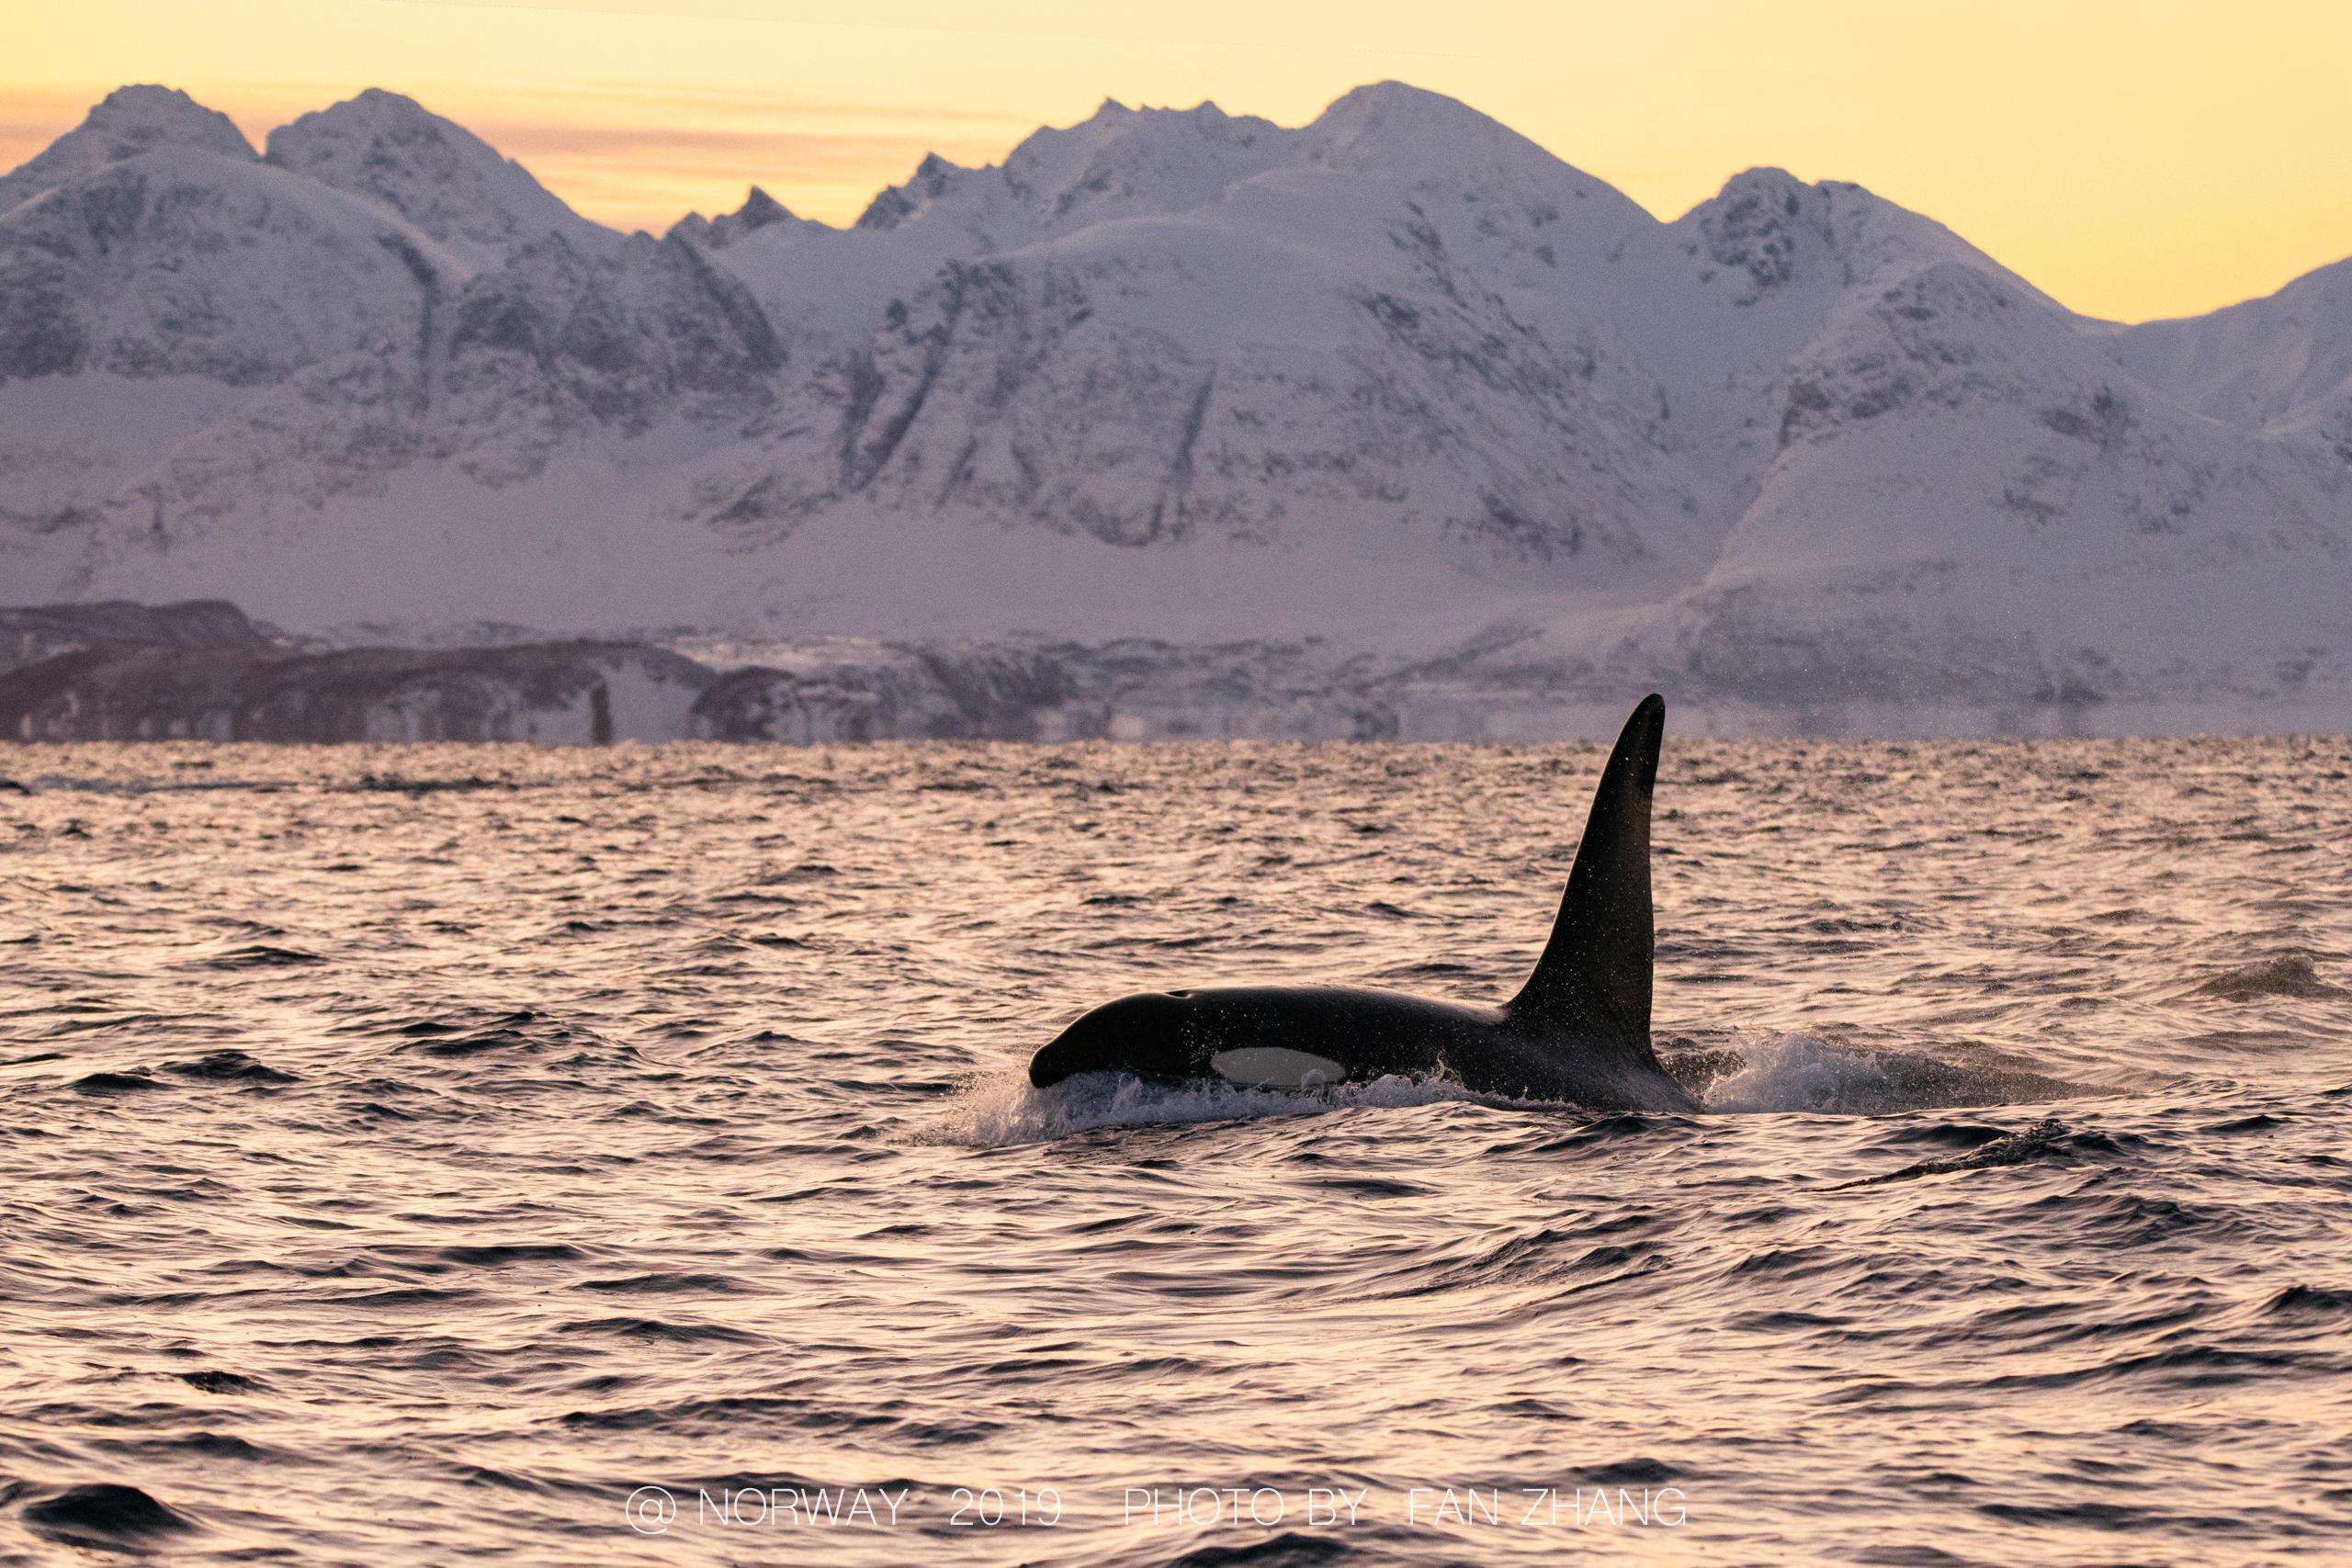 一头巨大的雄鲸独自徘徊在峡湾中 涨姿势 第3张